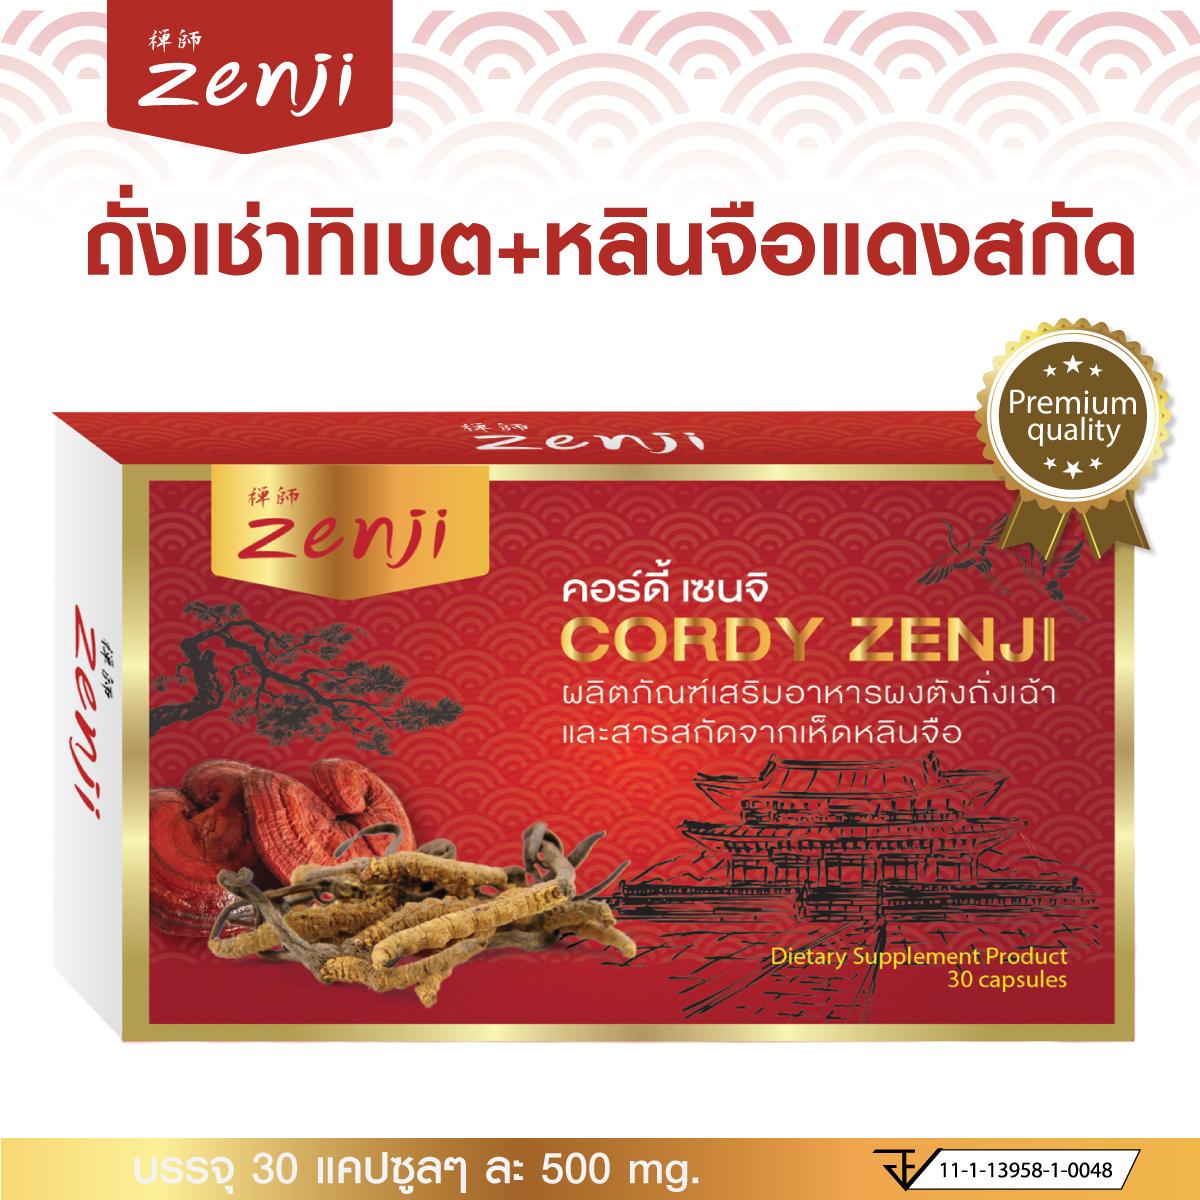 เห็ดหลินจือแดงผสมถั่งเช่า Cordy Zenji